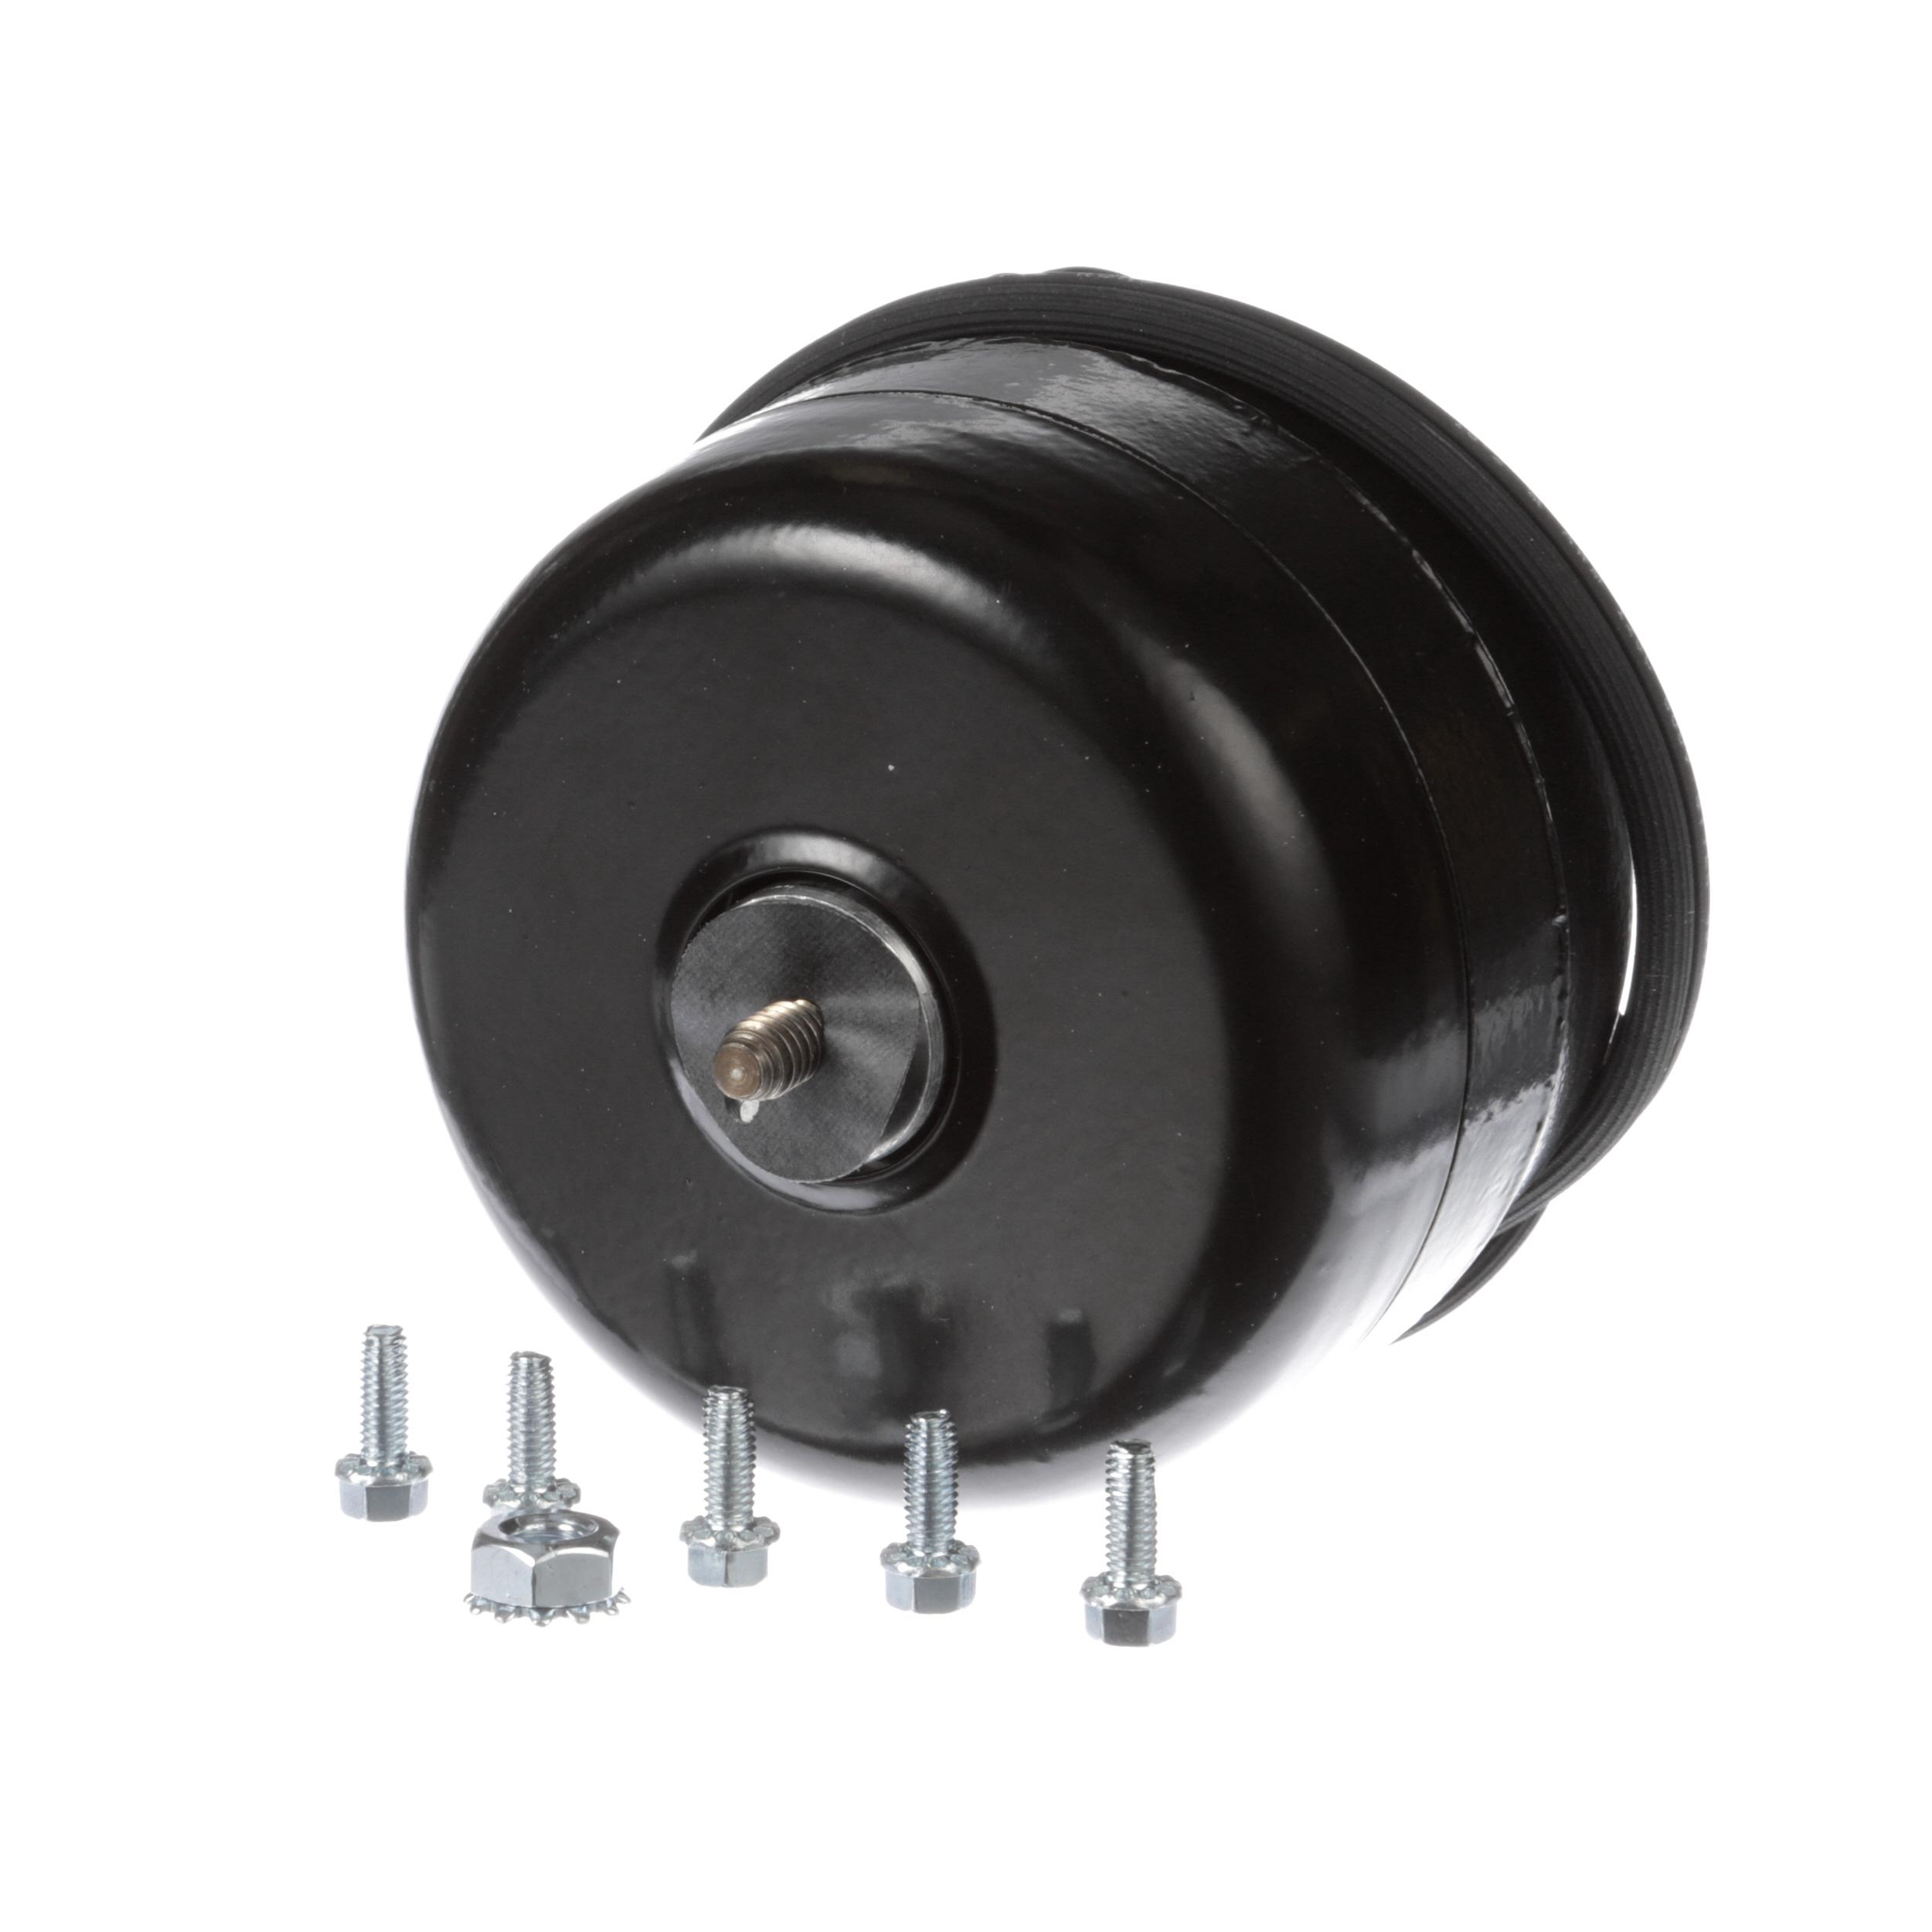 True Motor Psc4be9hba16 115v 60hz 9 Watt Part 800437